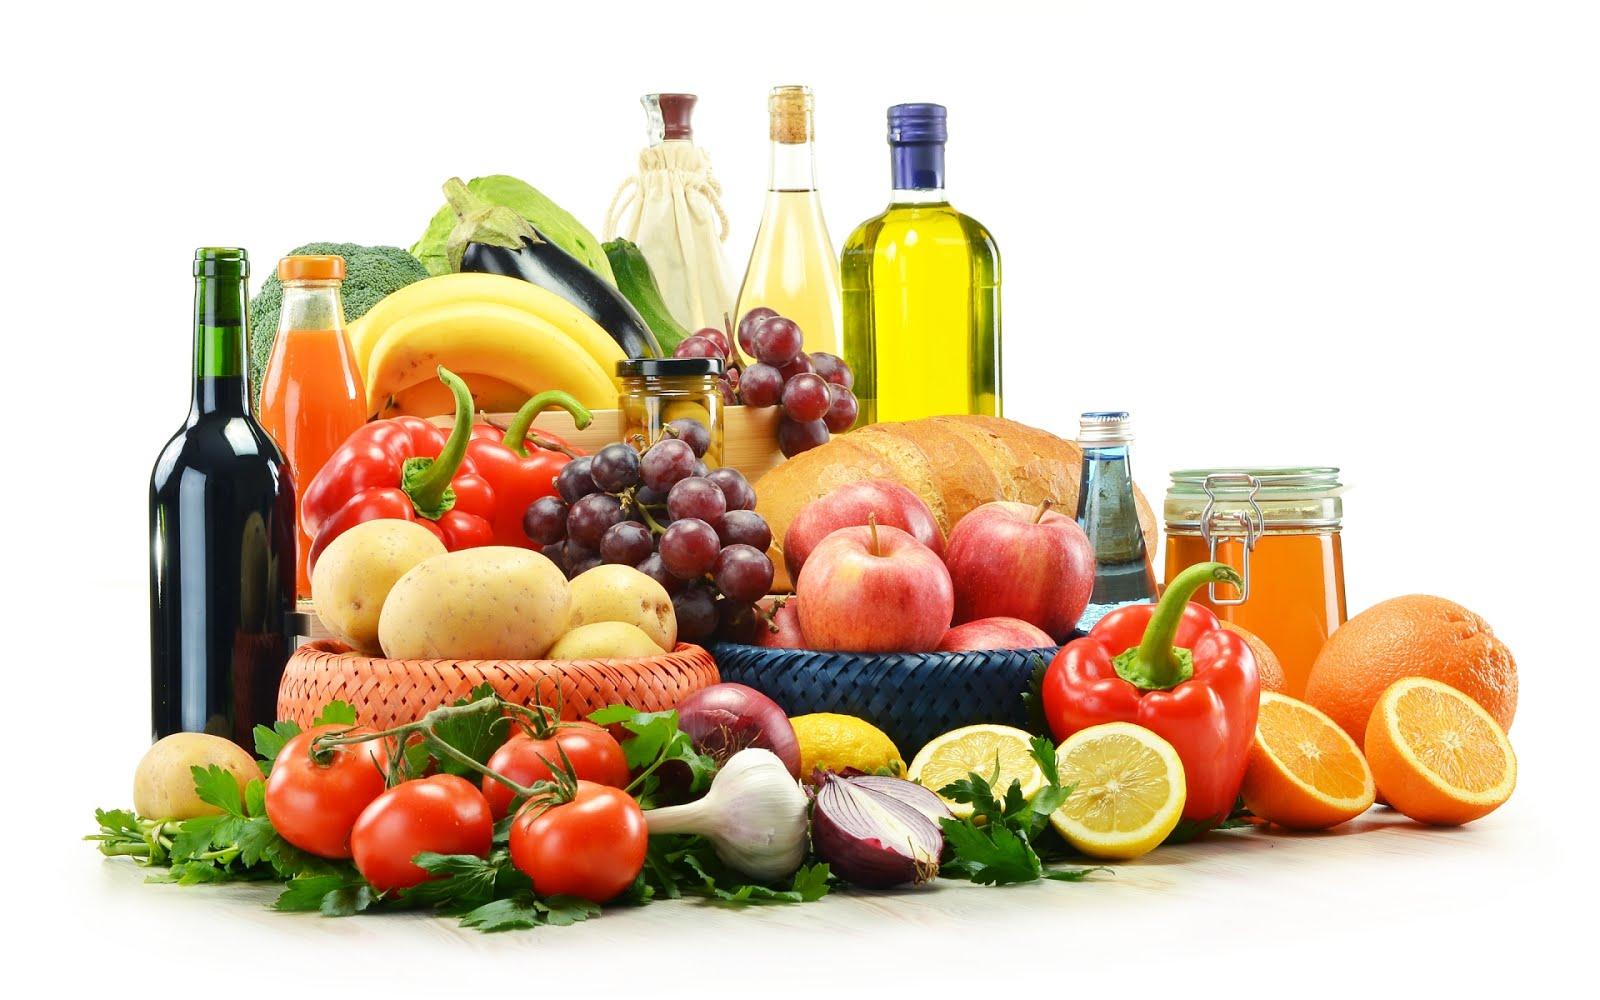 питание для похудения для мужчины